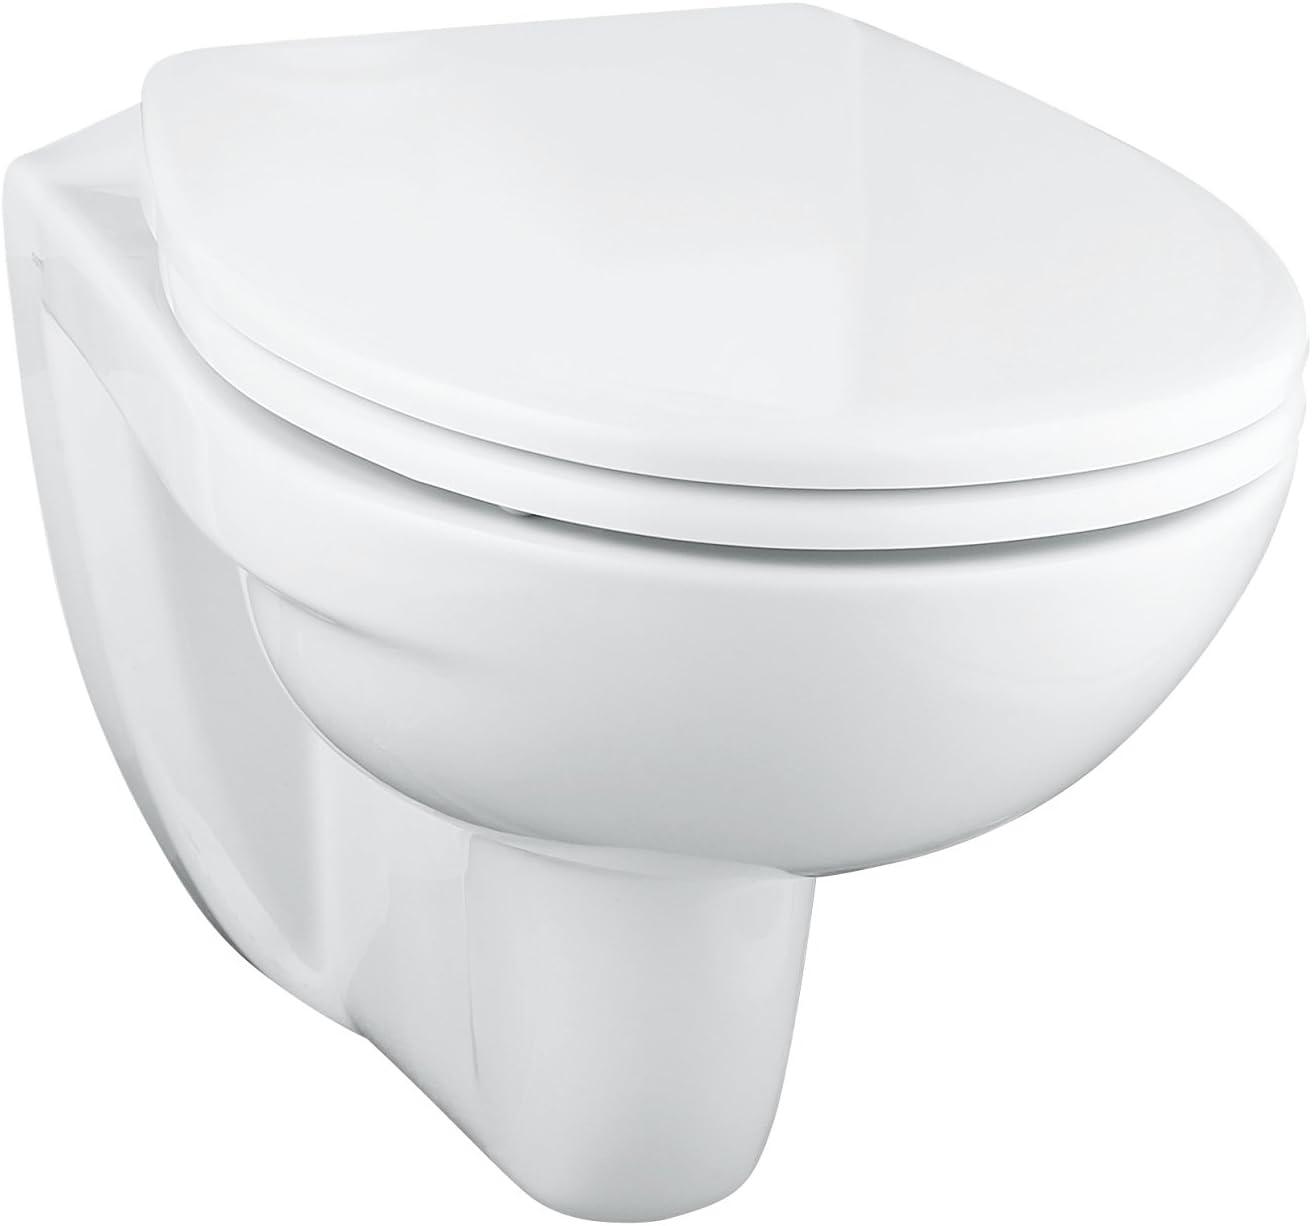 f/ür WC Grohe SOLIDO Compact Bet/ätigungsplatte in alpinwei/ß 39114000 4-in-1 Set